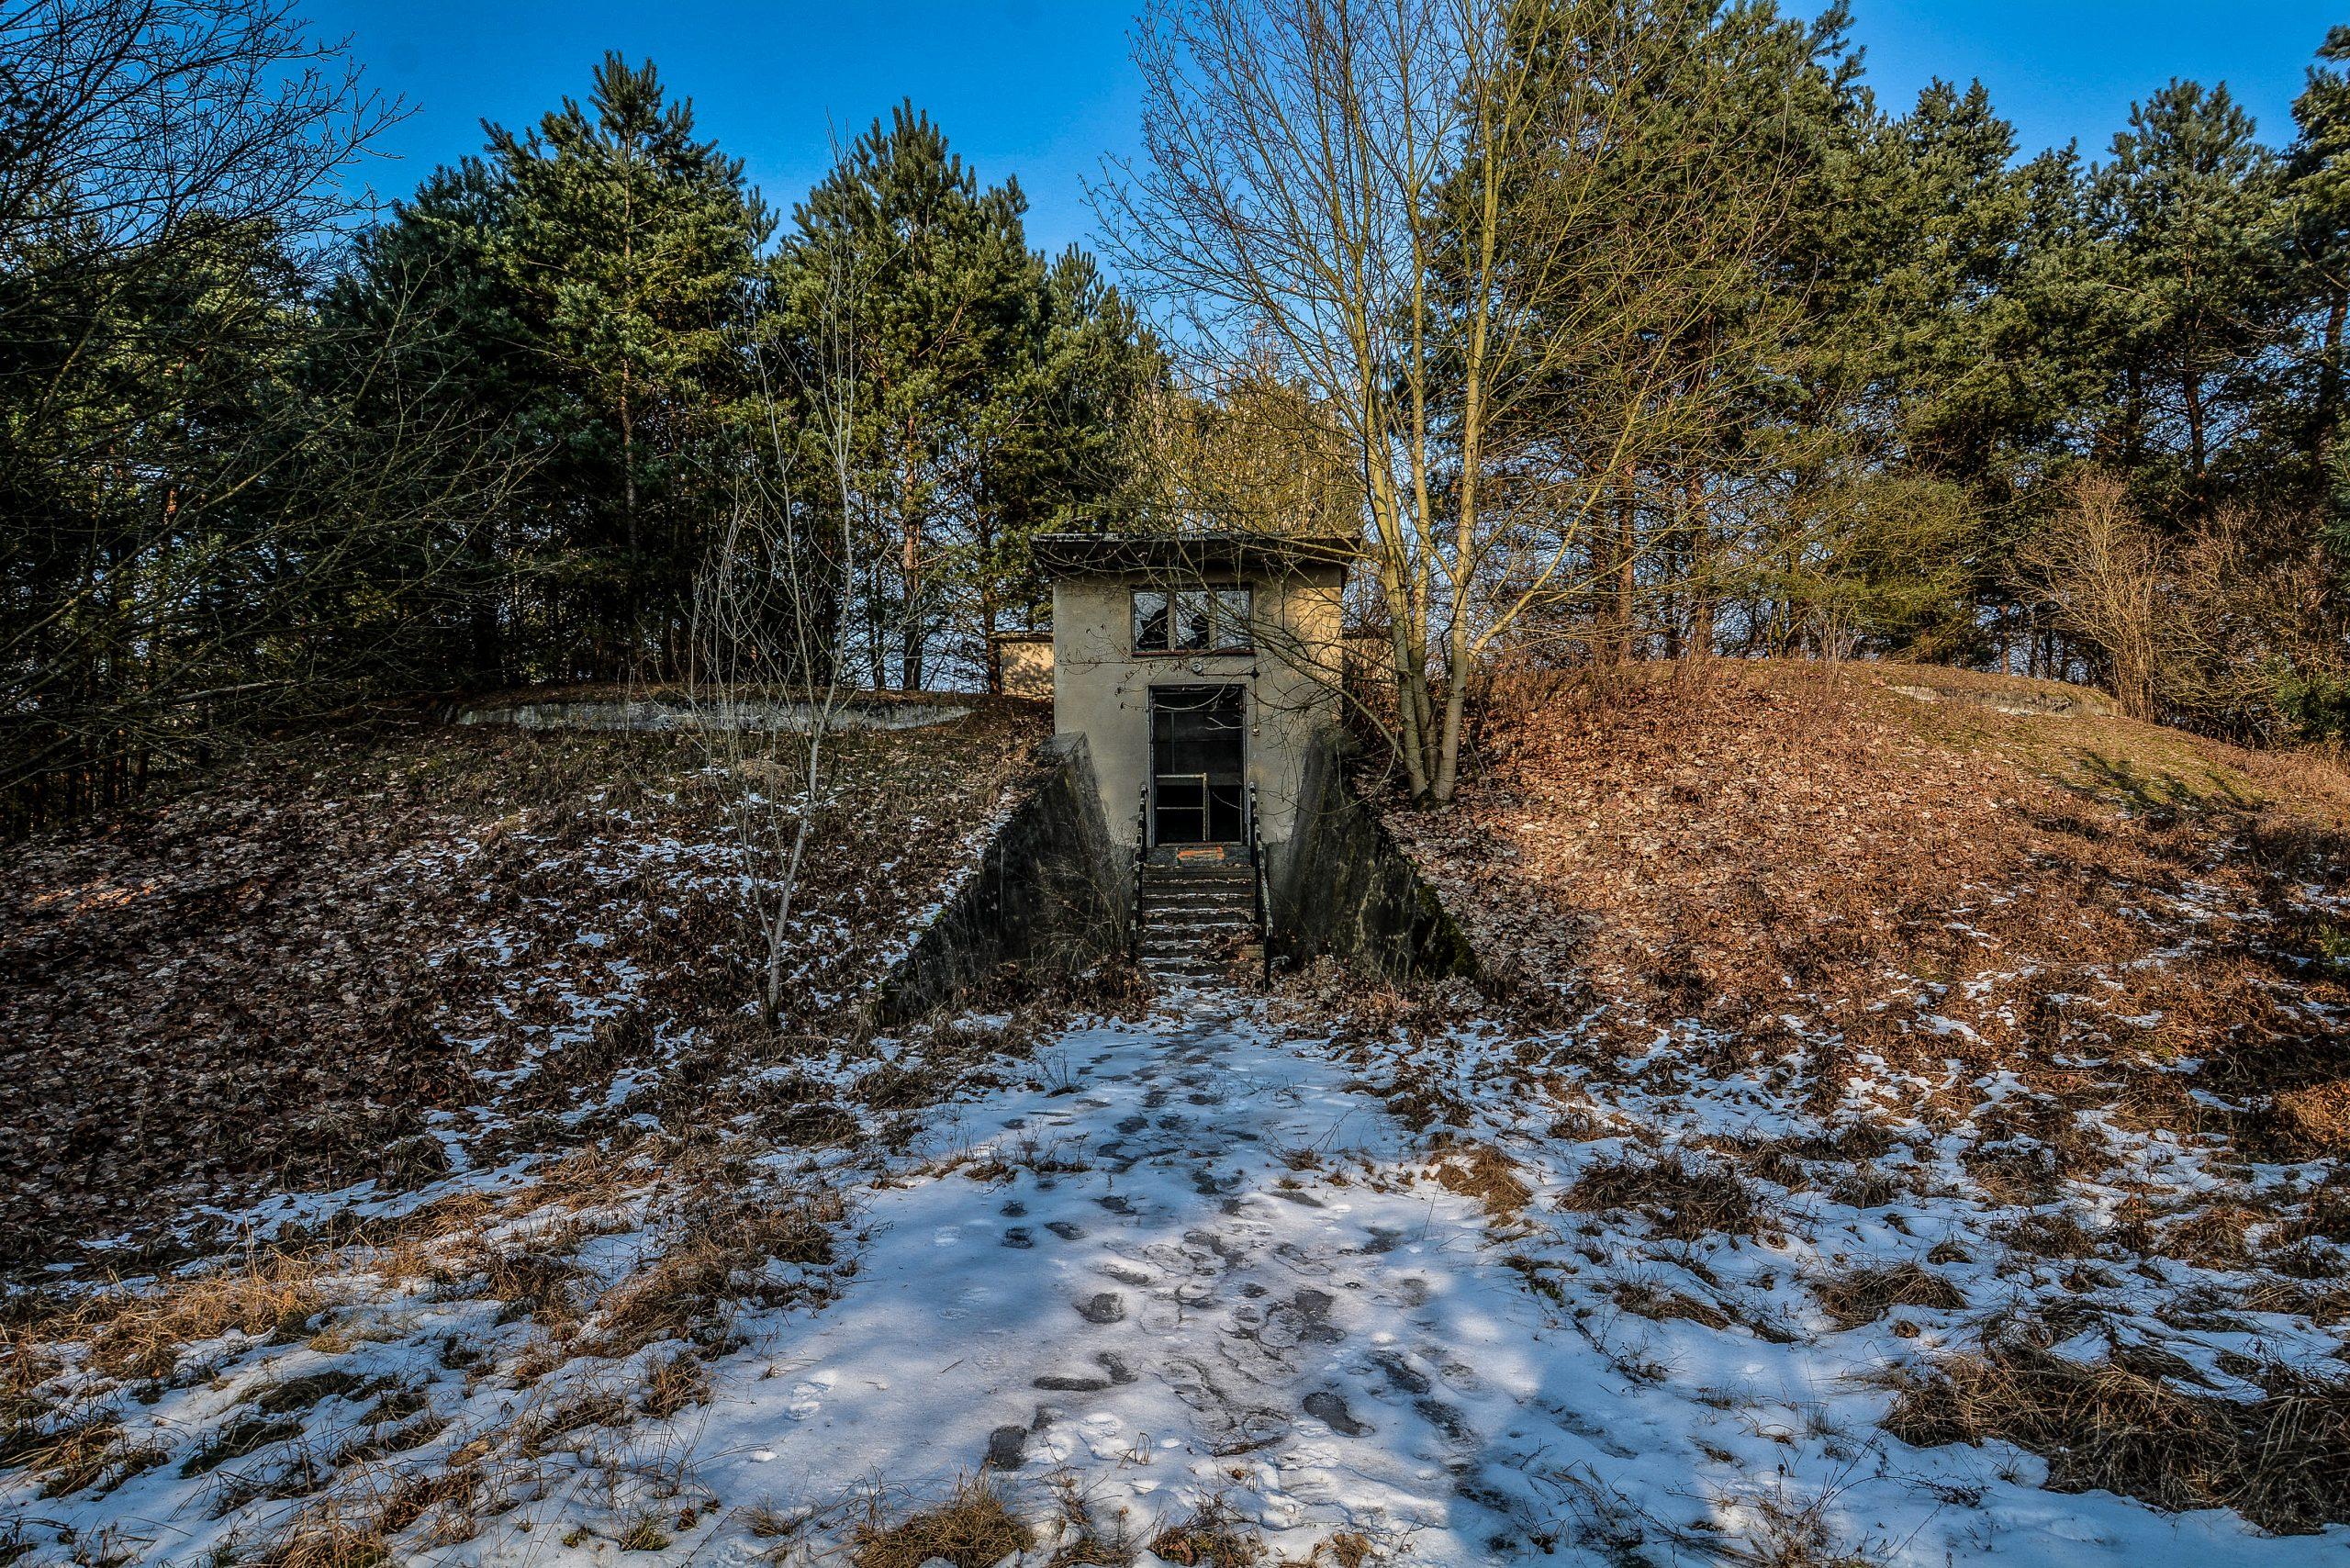 munitions bunker entrance forst zinna adolf hitler lager luckenwalde juterbog sowjet kaserne soviet military barracks germany lost places urbex abandoned